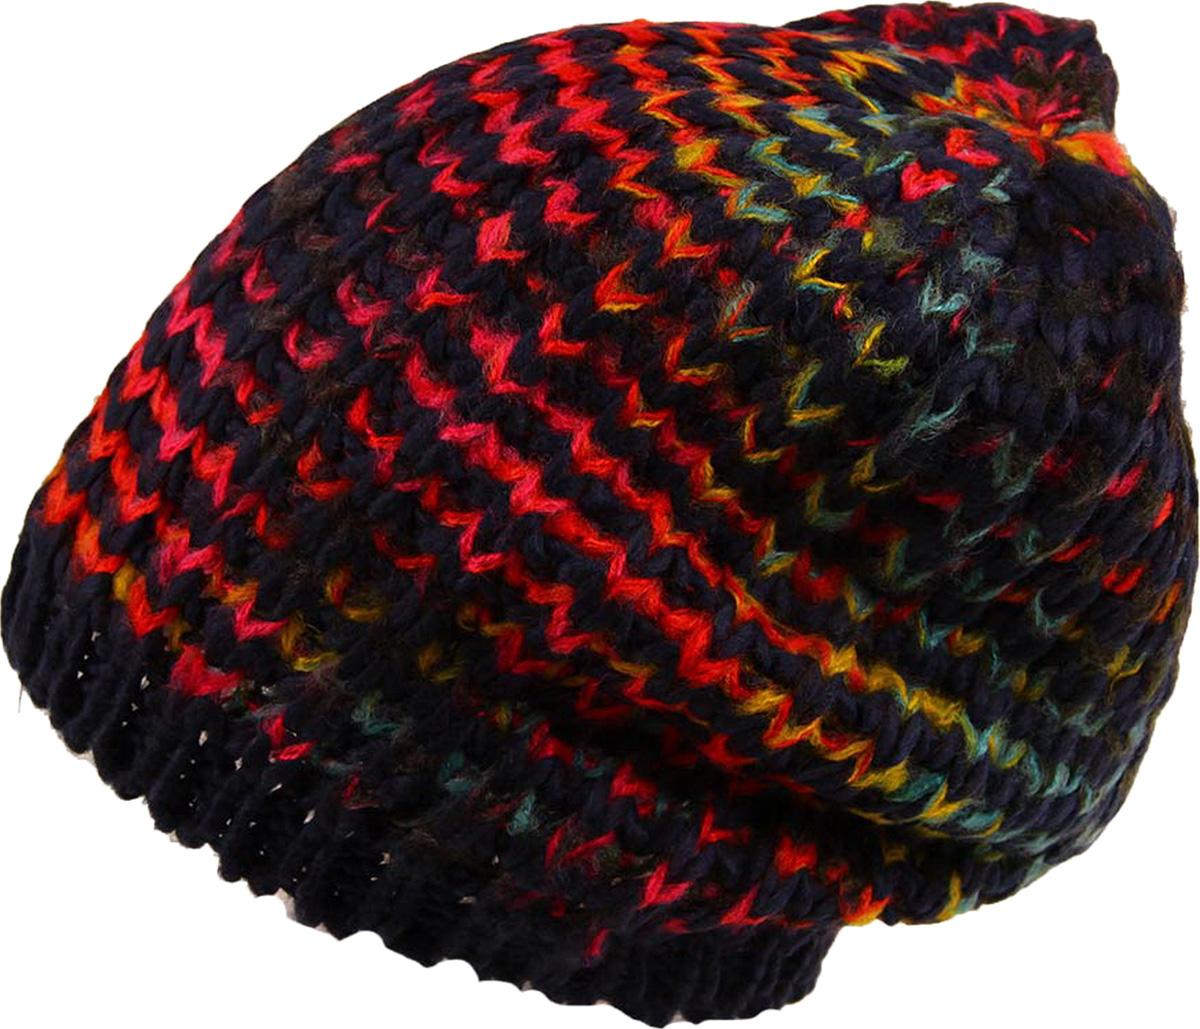 Шапка женская Venera, цвет: темно-синий, красный, желтый. 9806456-24. Размер универсальный шапка женская bradex цвет желтый as 0299 размер универсальный